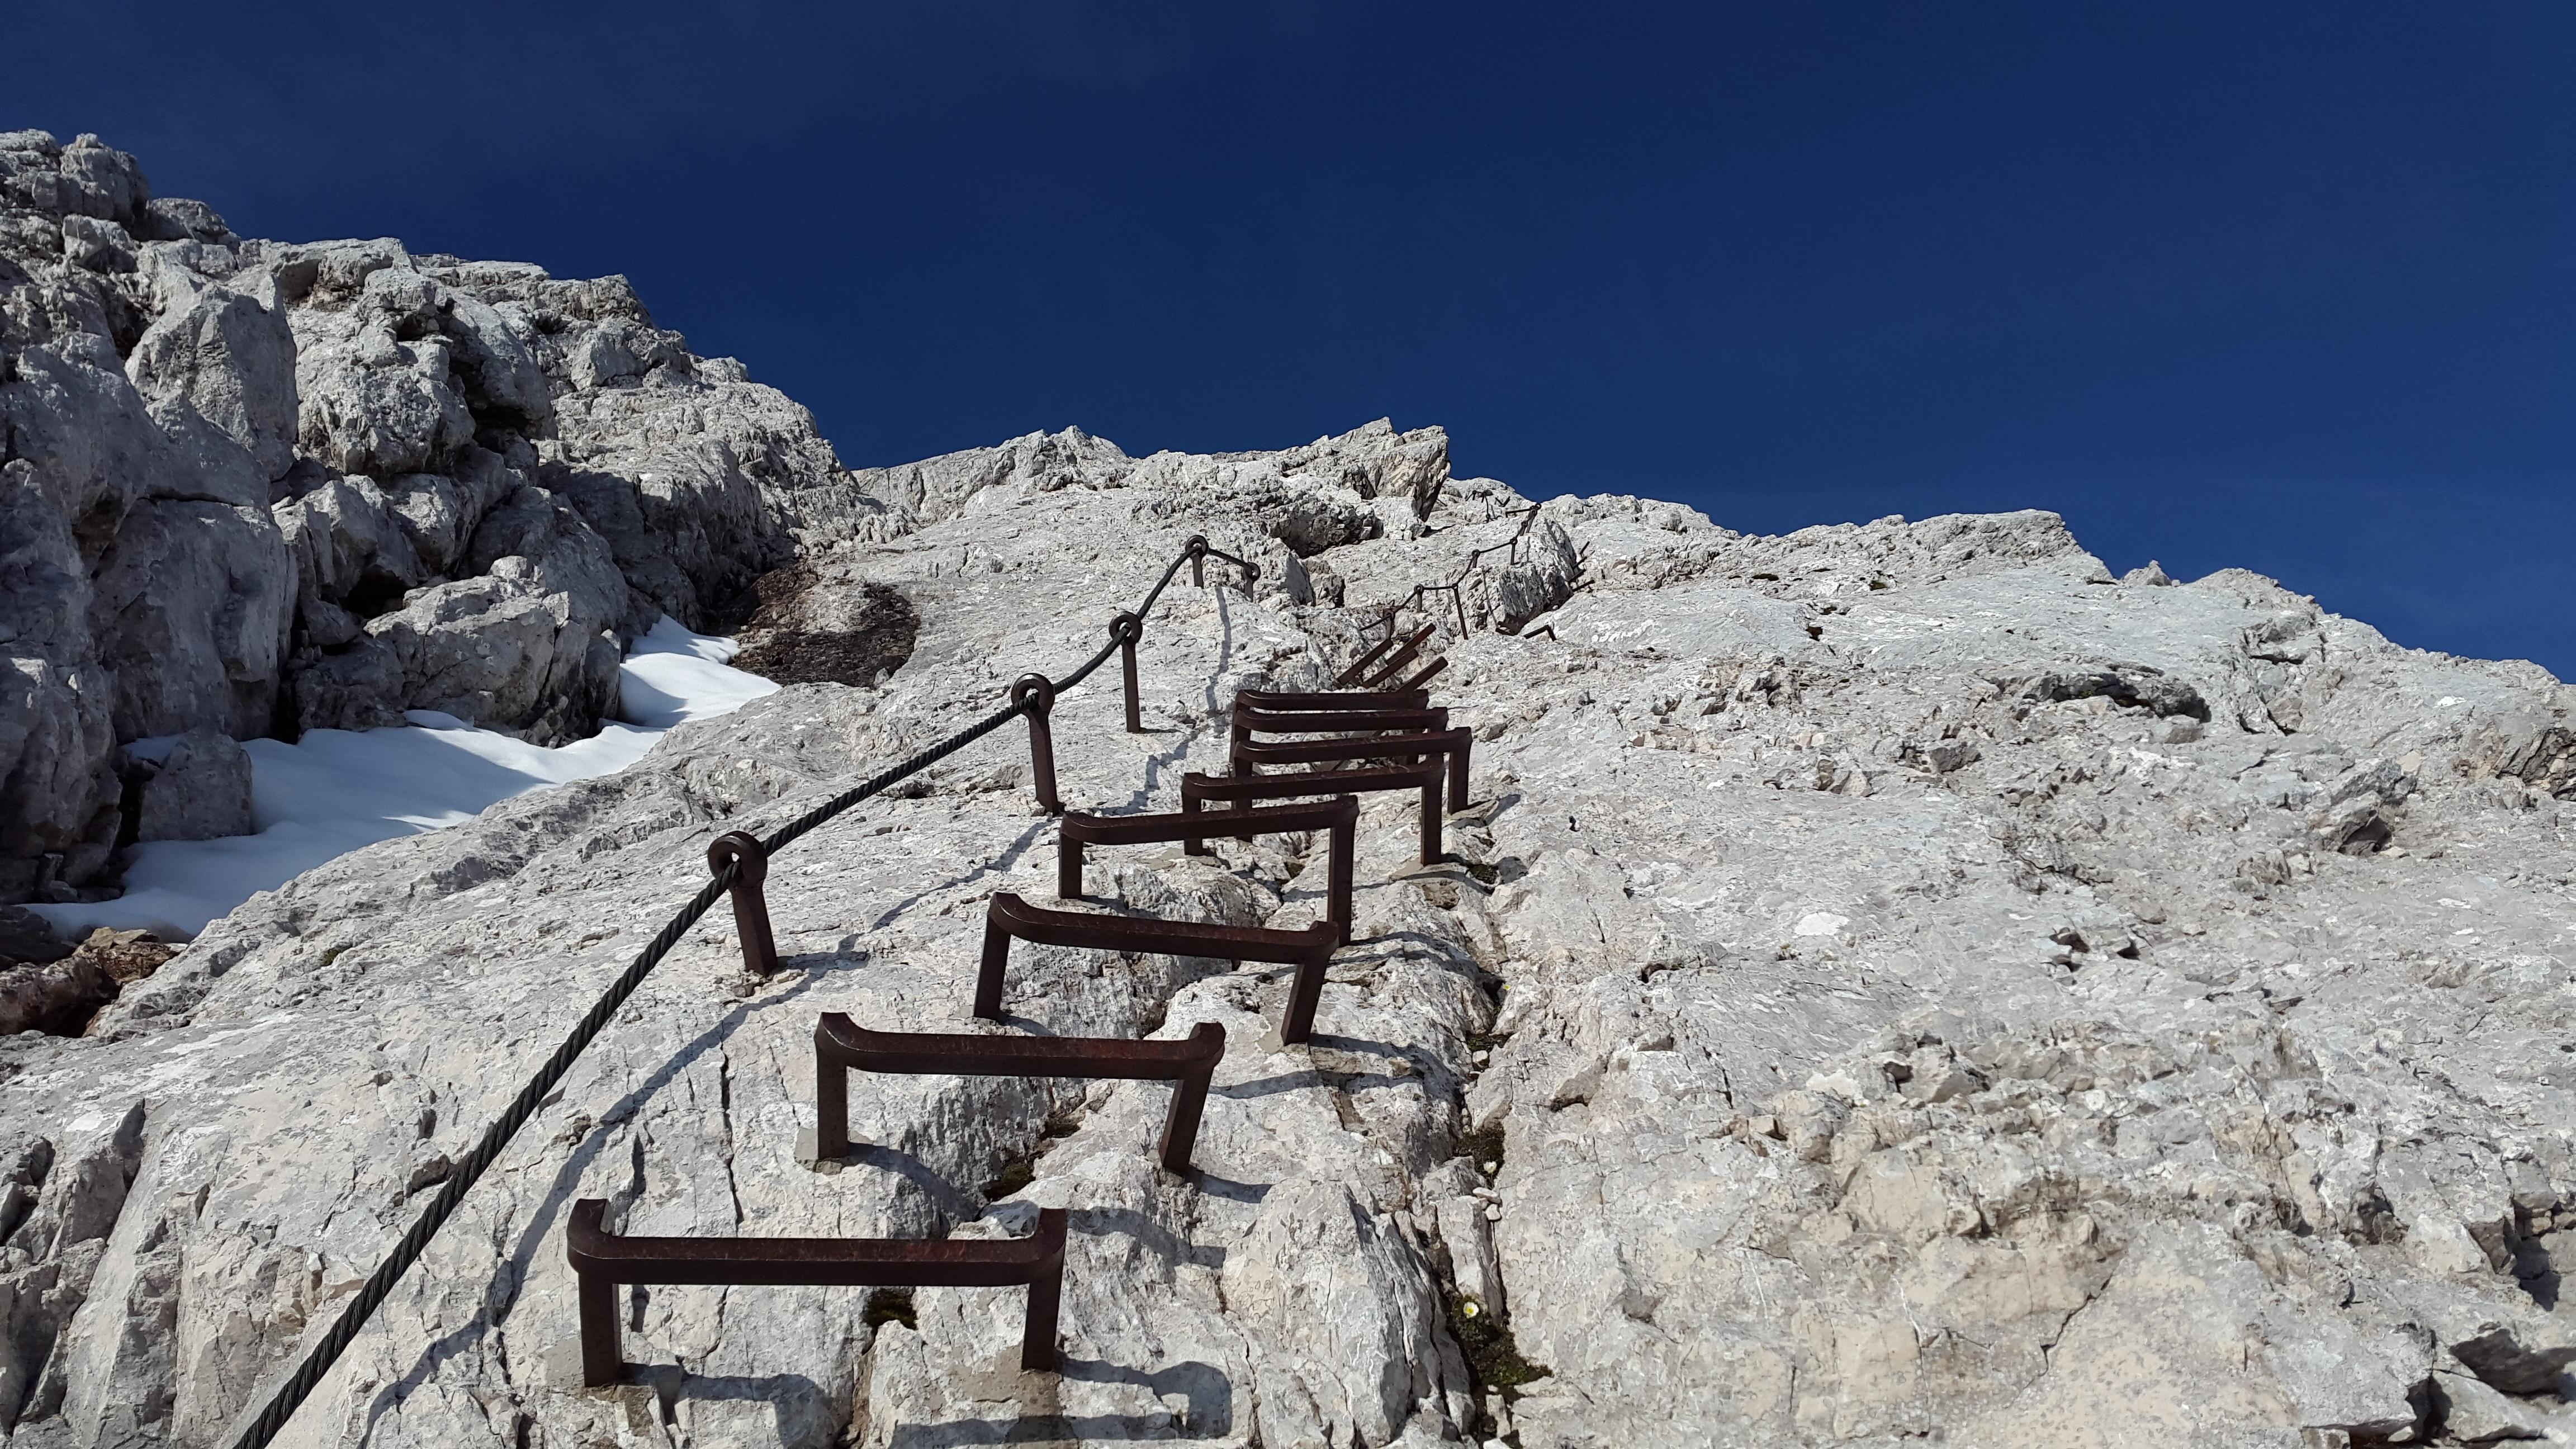 картинки лестницы в гору можете взять